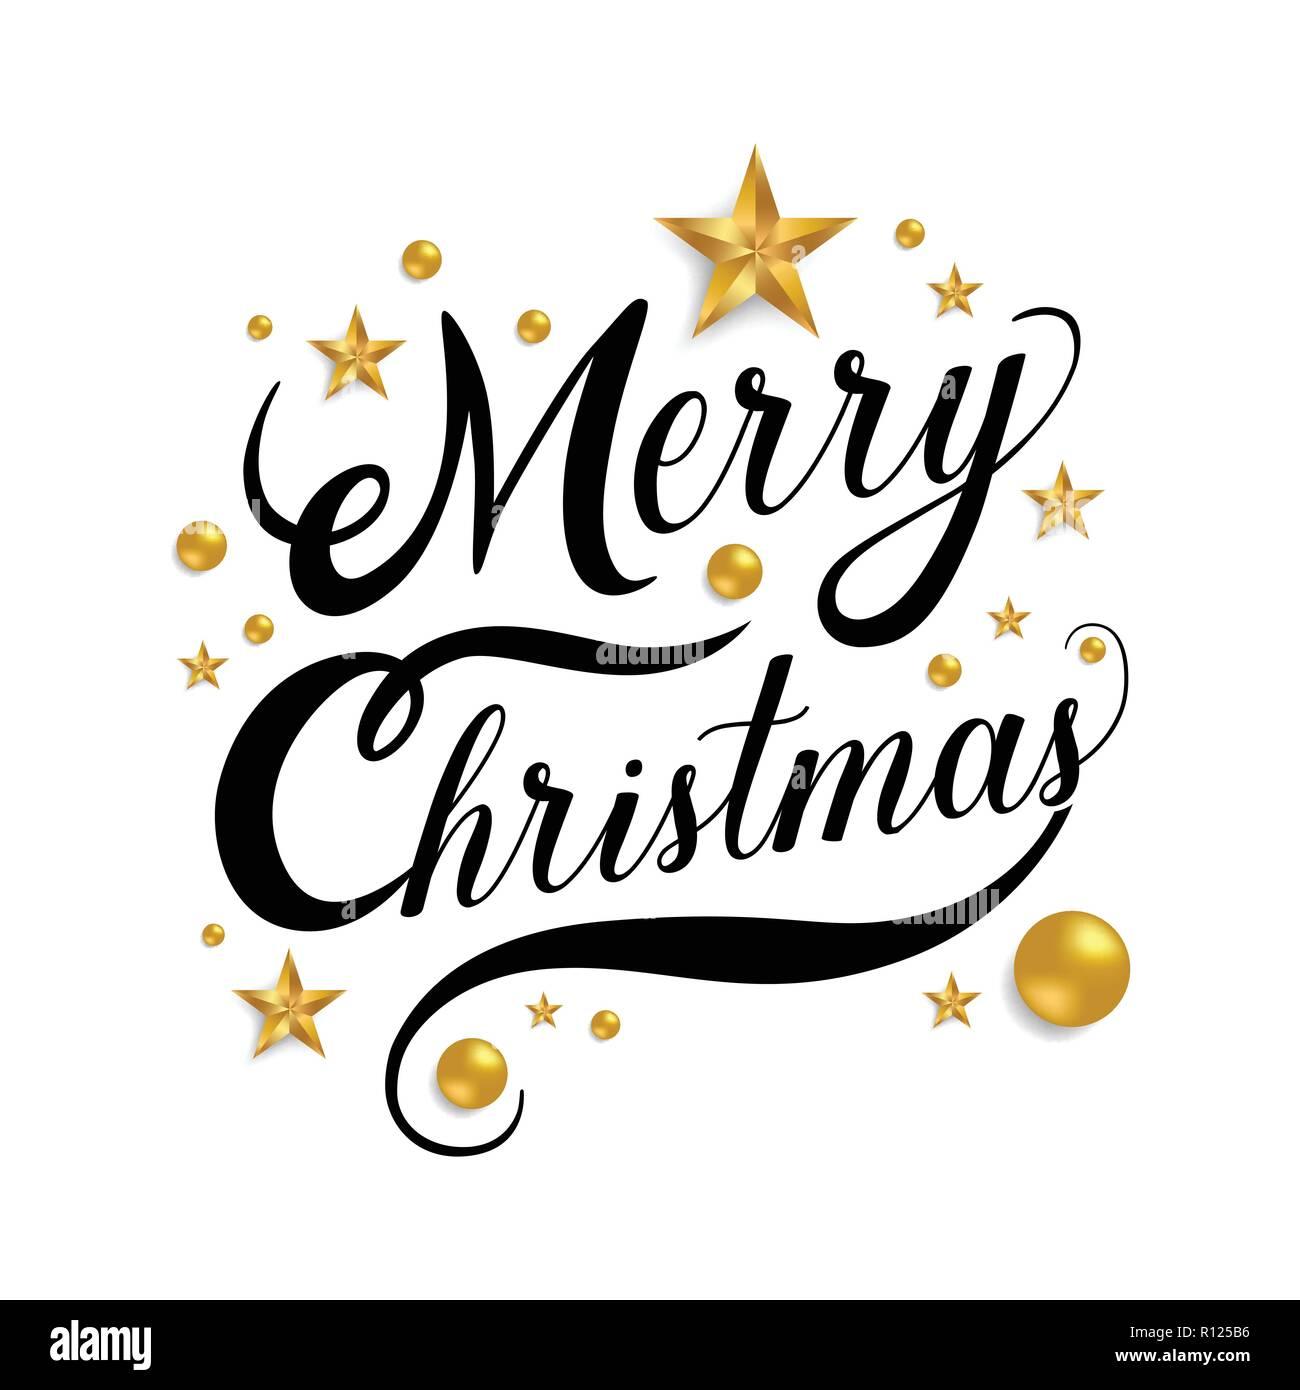 Stern Frohe Weihnachten.Frohe Weihnachten Hand Gezeichnet Schriftzug Mit Goldenen